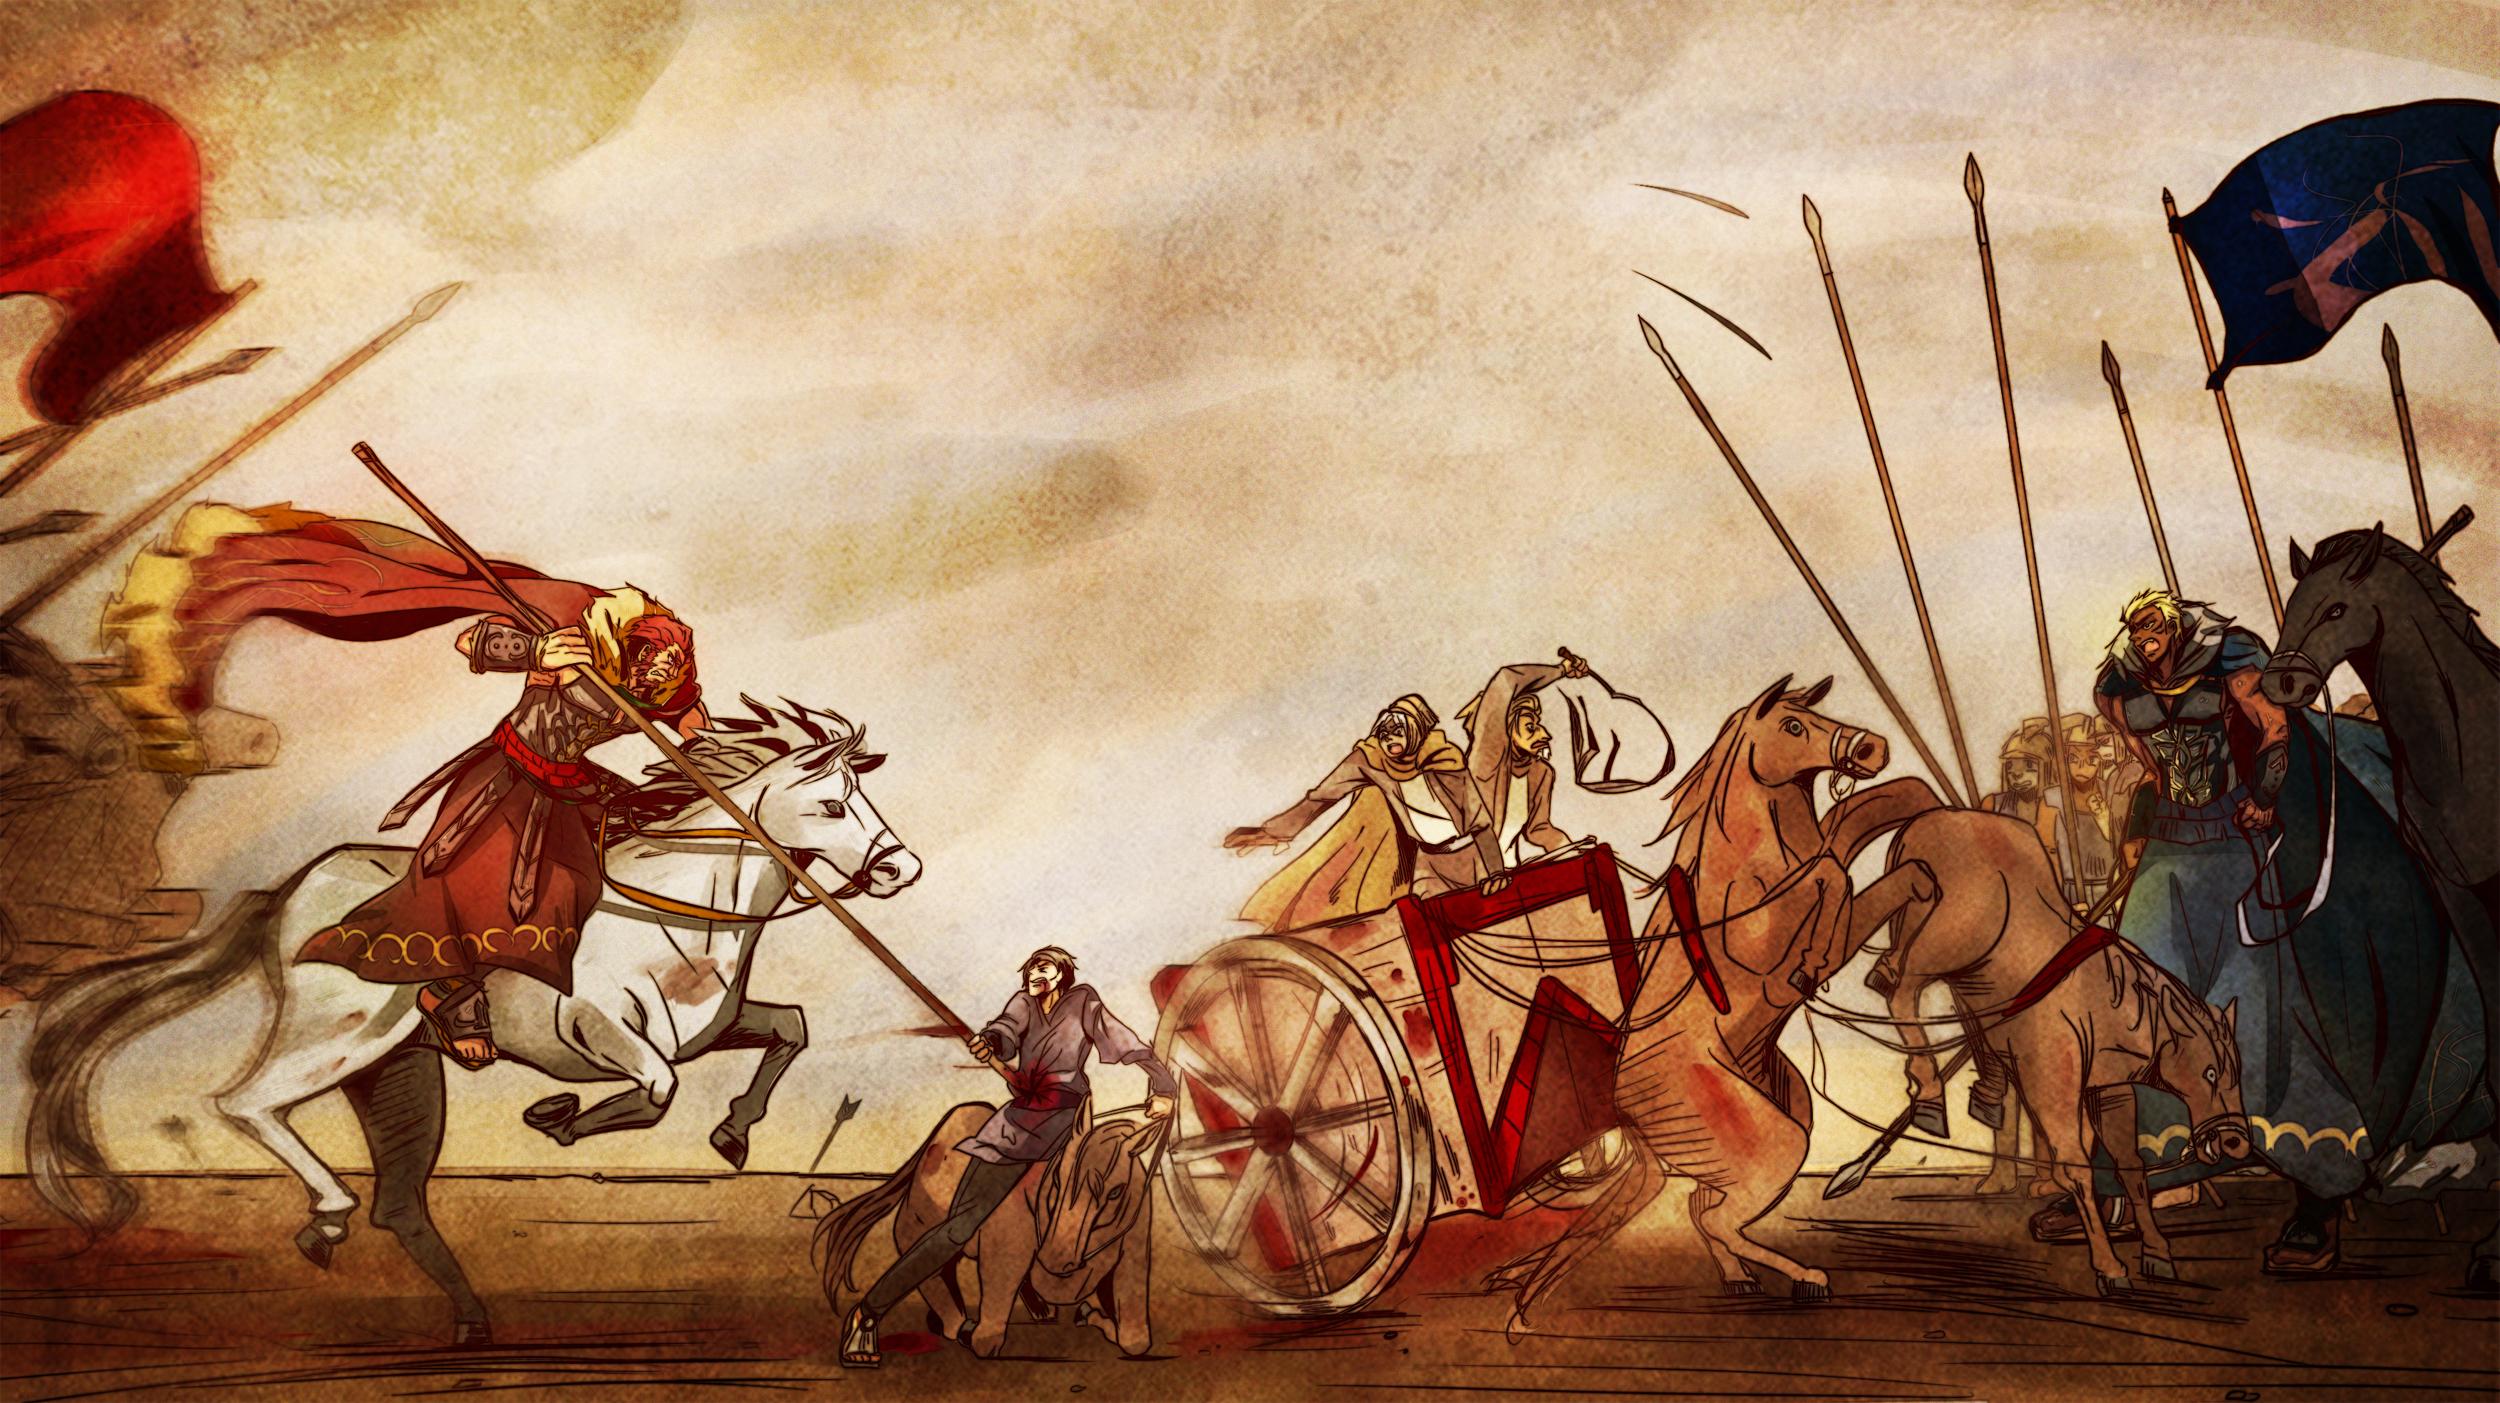 Rider Fate Zero Wallpaper 867240 Zerochan Anime Image Board